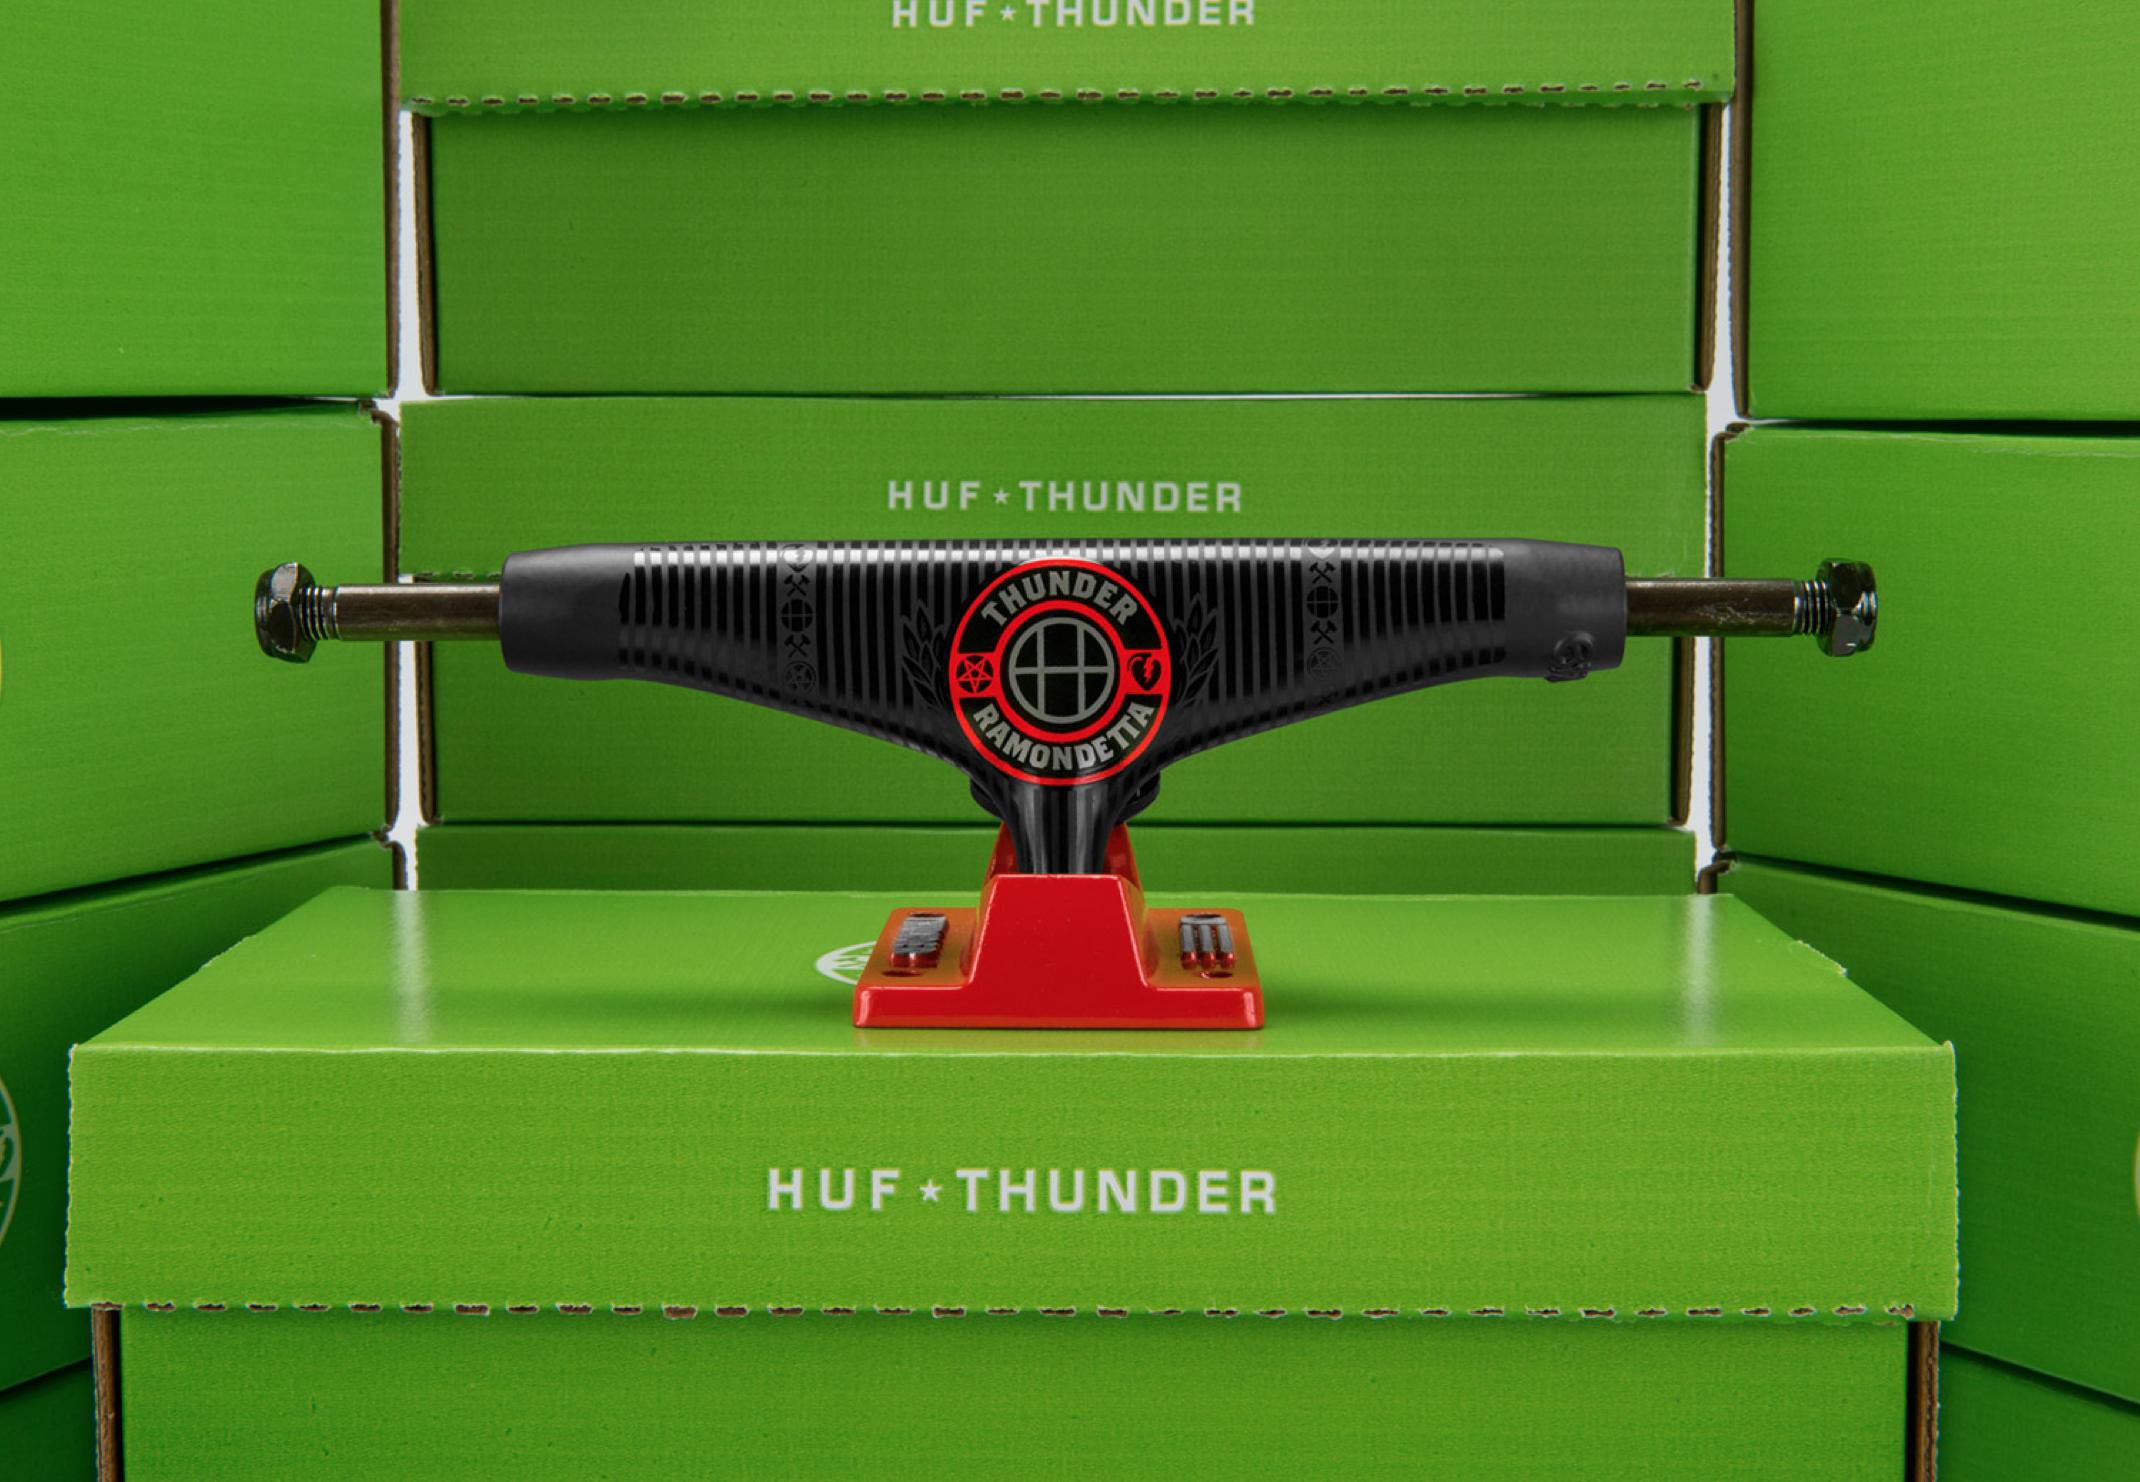 thunder_ramondetta